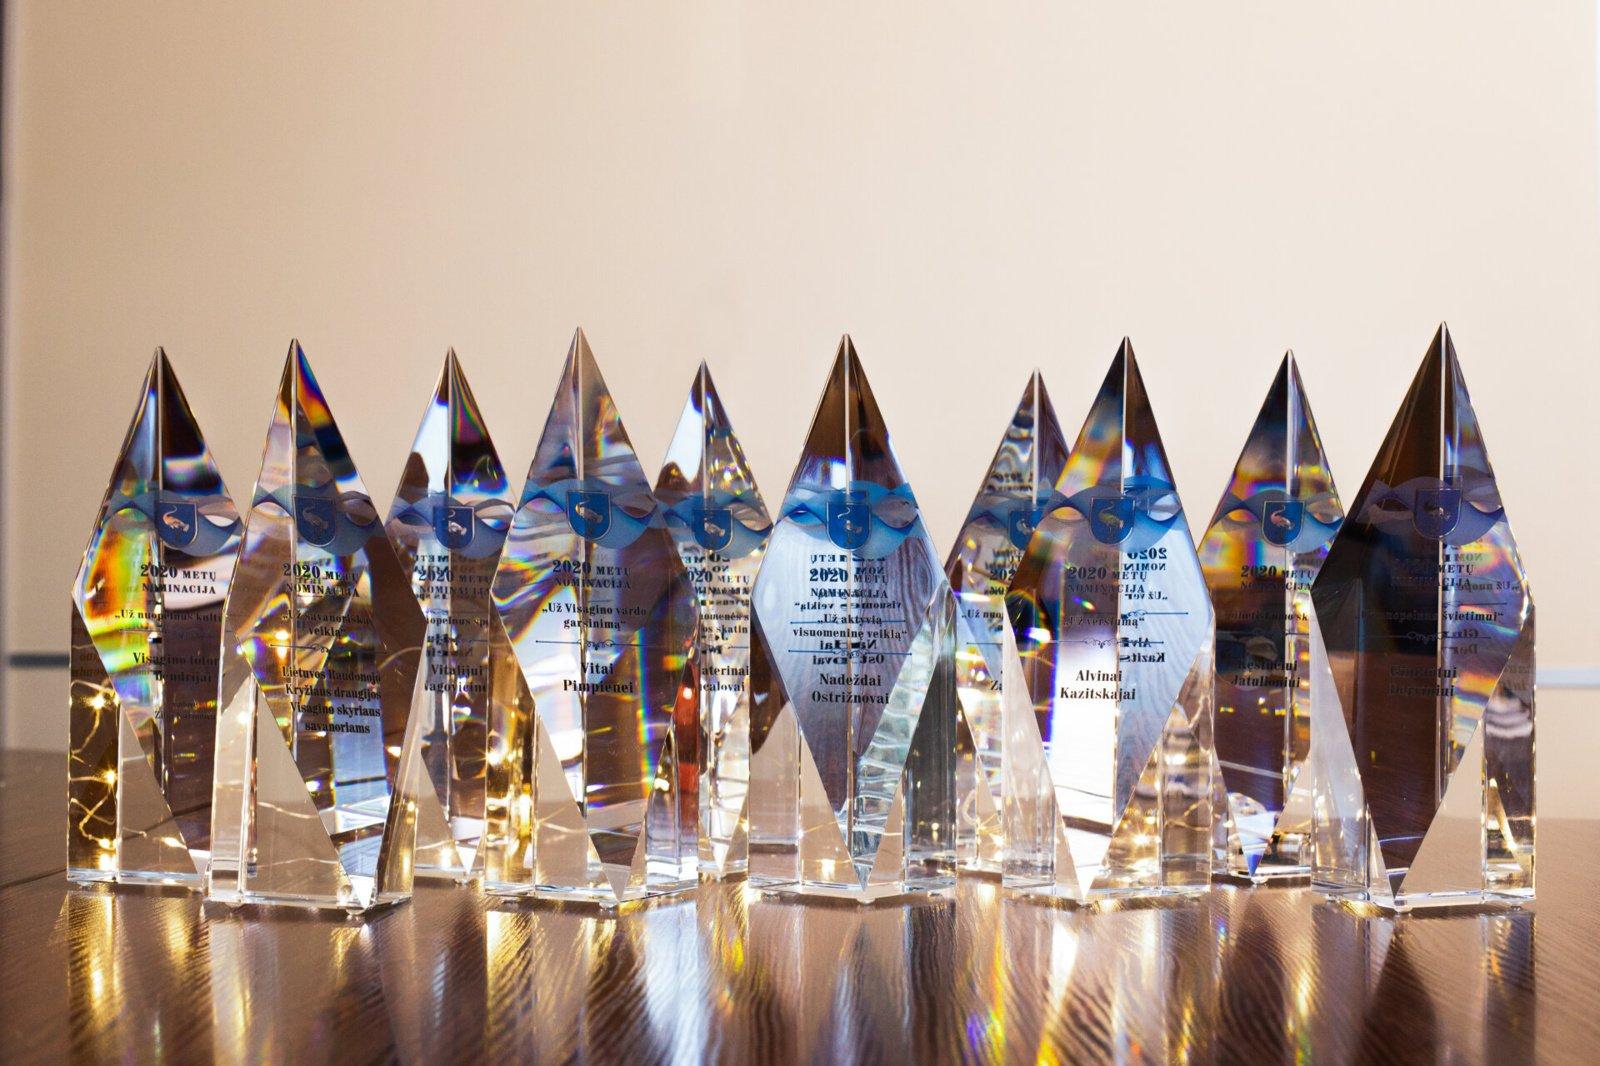 Visagine pasveikinti Metų nominantai